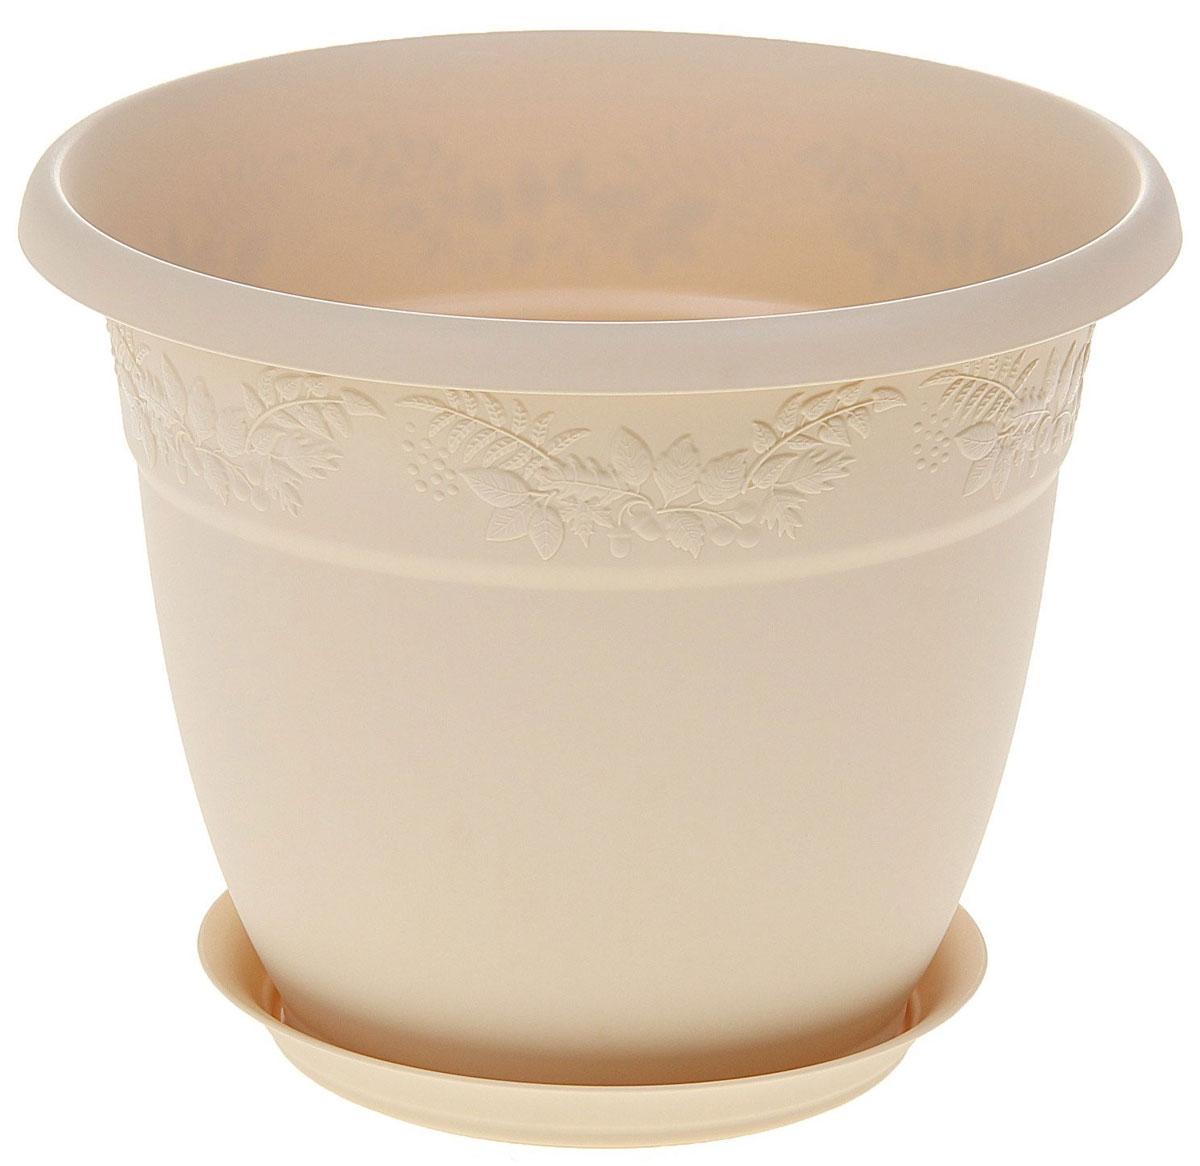 Кашпо Idea Рябина, с поддоном, цвет: белая глина, 7,5 лМ 3057Любой, даже самый современный и продуманный интерьер будет не завершенным без растений. Они не только очищают воздух и насыщают его кислородом, но и заметно украшают окружающее пространство. Такому полезному члену семьи просто необходимо красивое и функциональное кашпо, оригинальный горшок или необычная ваза! Мы предлагаем - Кашпо 7,5 л Рябина d=28 см, с поддоном, цвет белая глина! Оптимальный выбор материала - это пластмасса! Почему мы так считаем? Малый вес. С легкостью переносите горшки и кашпо с места на место, ставьте их на столики или полки, подвешивайте под потолок, не беспокоясь о нагрузке. Простота ухода. Пластиковые изделия не нуждаются в специальных условиях хранения. Их легко чистить достаточно просто сполоснуть теплой водой. Никаких царапин. Пластиковые кашпо не царапают и не загрязняют поверхности, на которых стоят. Пластик дольше хранит влагу, а значит растение реже нуждается в поливе. Пластмасса не пропускает воздух корневой системе растения не грозят резкие перепады температур. Огромный выбор форм, декора и расцветок вы без труда подберете что-то, что идеально впишется в уже существующий интерьер. Соблюдая нехитрые правила ухода, вы можете заметно продлить срок службы горшков, вазонов и кашпо из пластика: всегда учитывайте размер кроны и корневой системы растения (при разрастании большое растение способно повредить маленький горшок) берегите изделие от воздействия прямых солнечных лучей, чтобы кашпо и горшки не выцветали держите кашпо и горшки из пластика подальше от нагревающихся поверхностей. Создавайте прекрасные цветочные композиции, выращивайте рассаду или необычные растения, а низкие цены позволят вам не ограничивать себя в выборе.